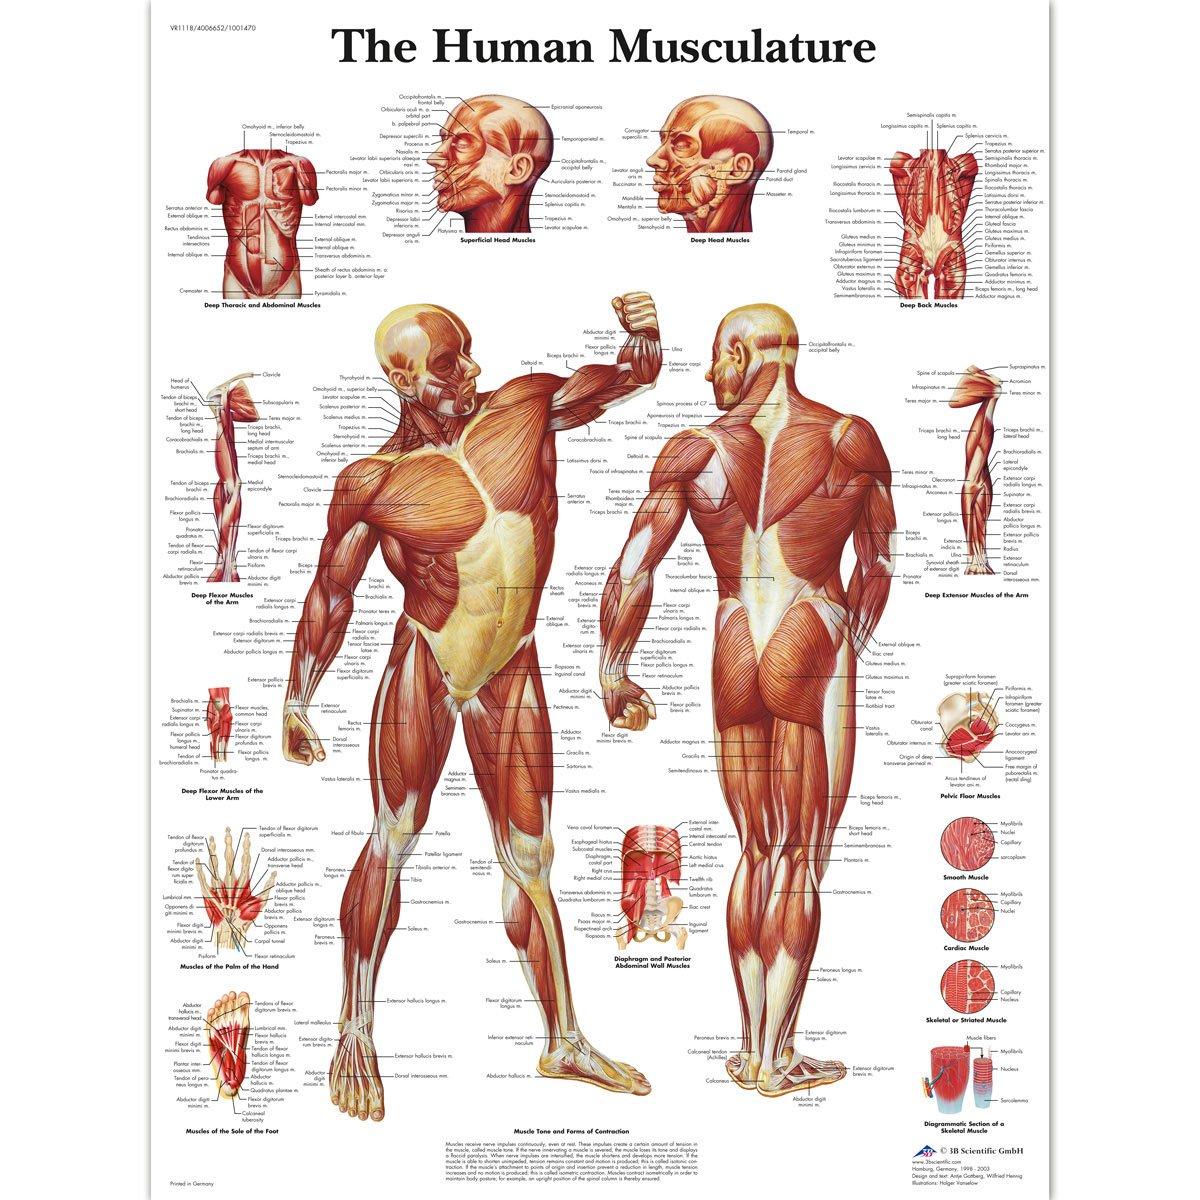 trabajo sobre los musculos del cuerpo humano